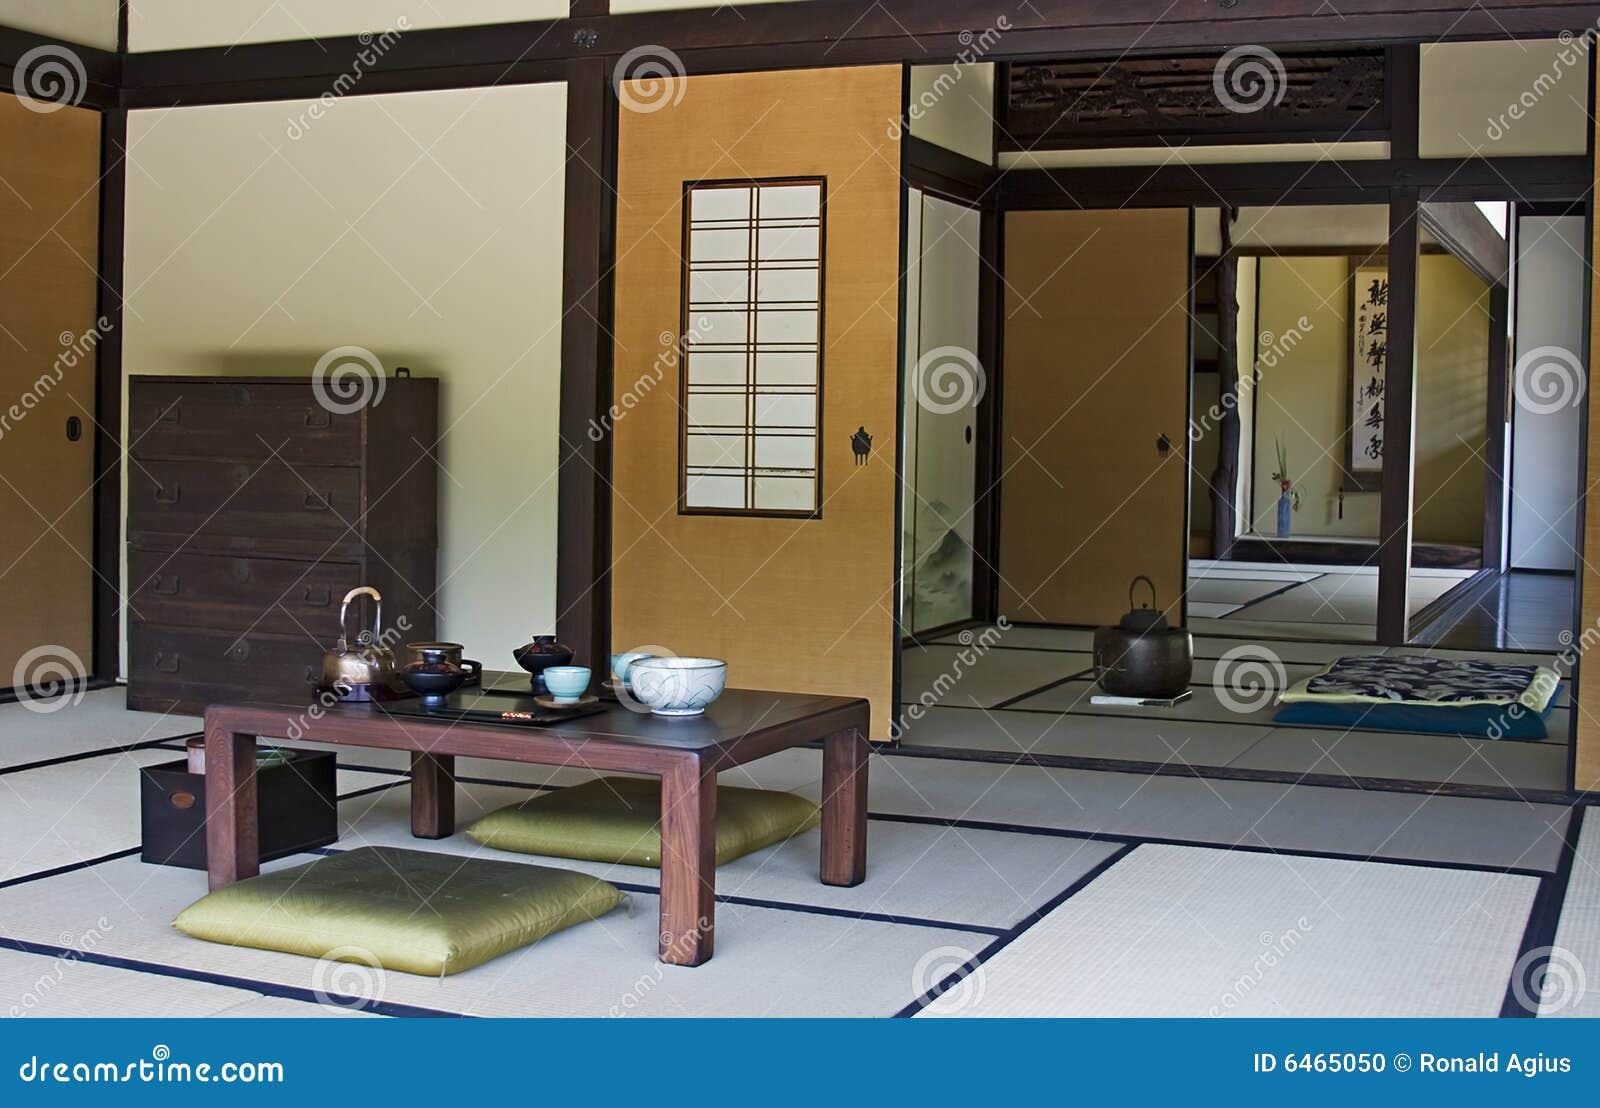 Una parte interior de una casa japonesa